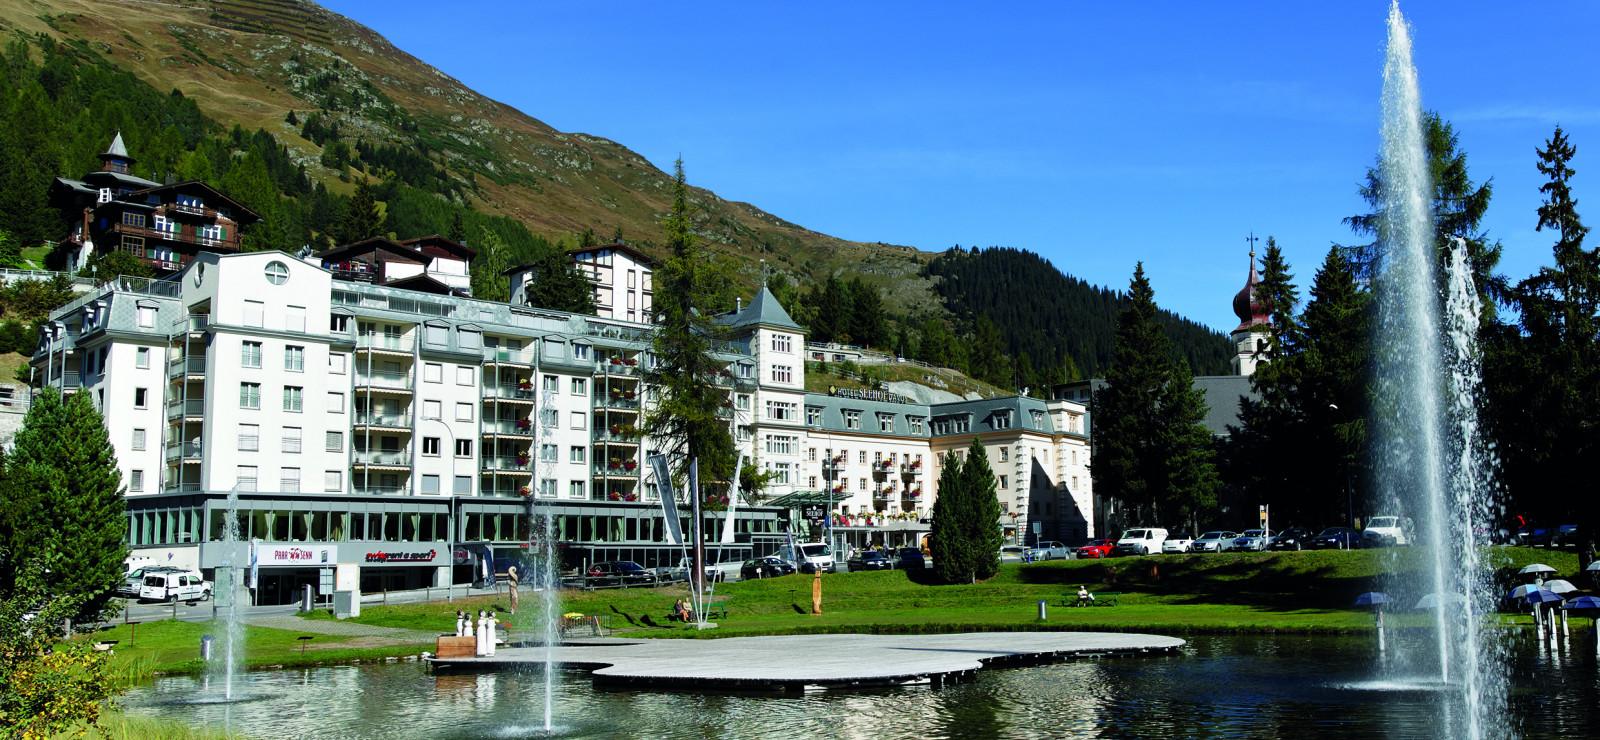 Hotel Seehof Davos Bilder | Bild 1